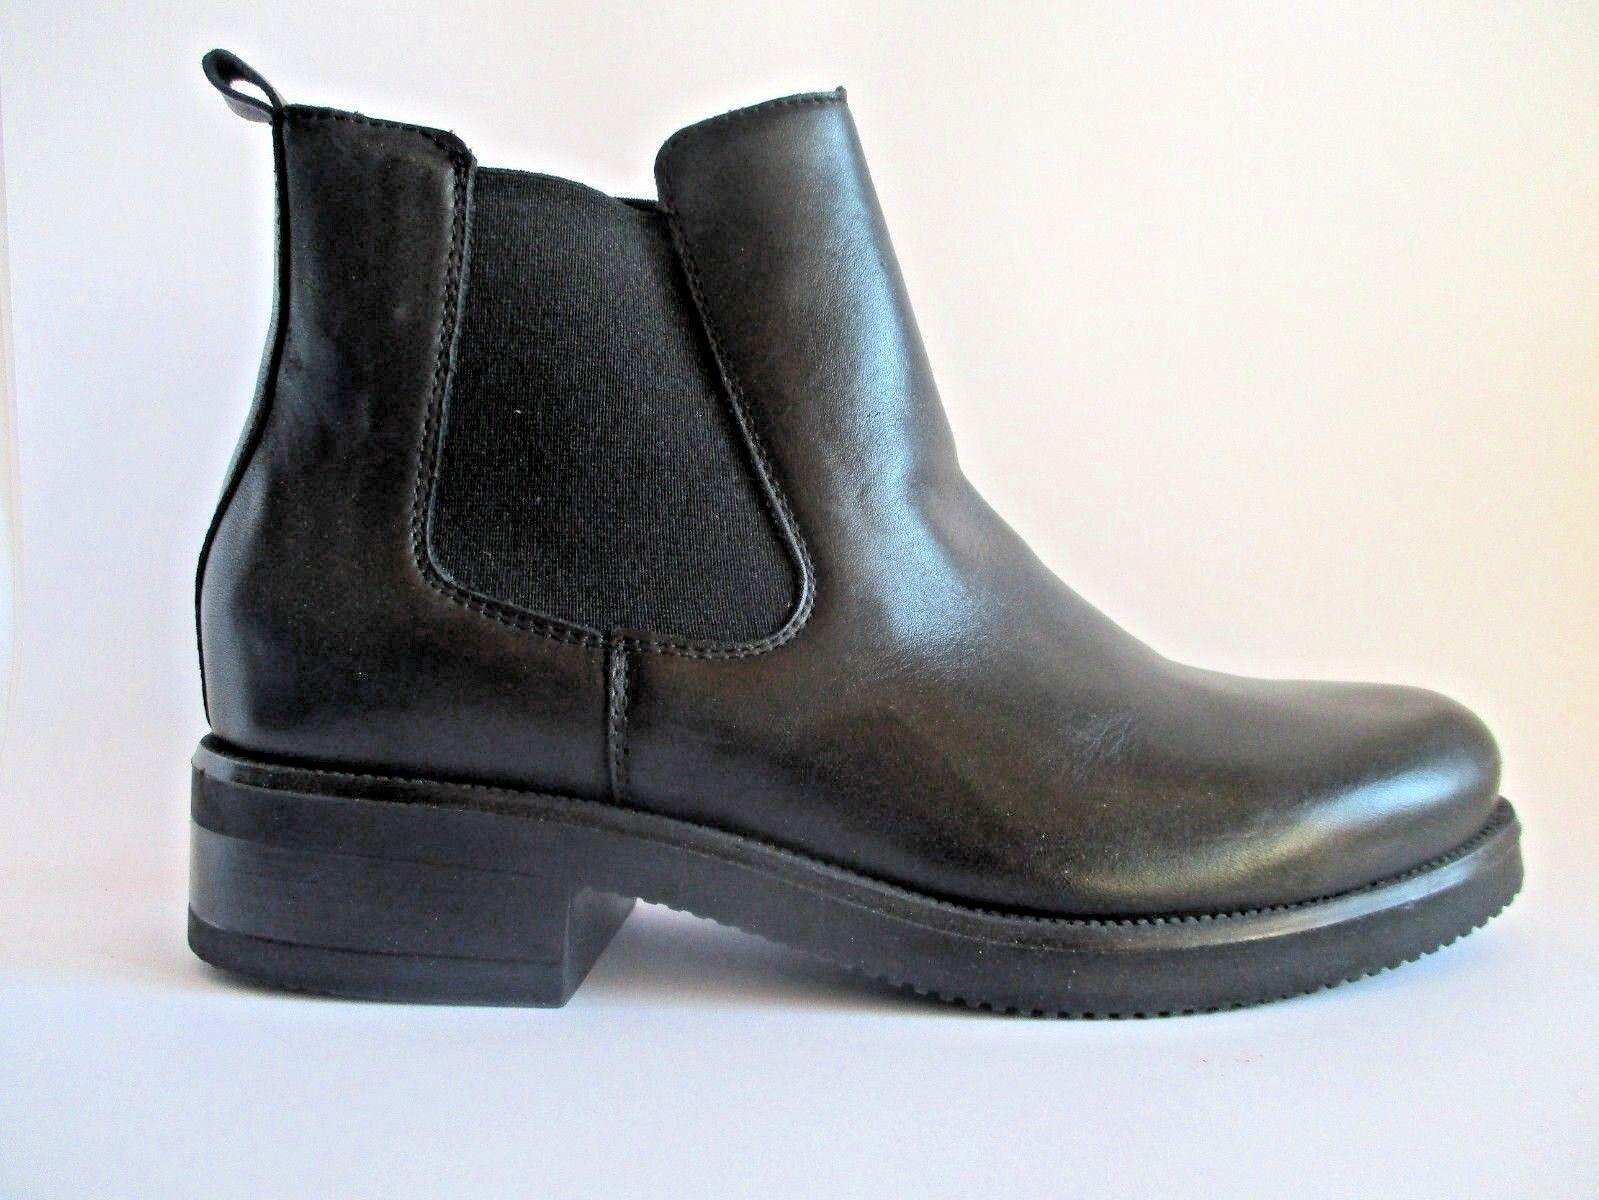 ZIGN Leder Klassische Halbschuhe Ankle Chelsea Boot Leder ZIGN Schwarz Gr.40  C1 e4b9f0